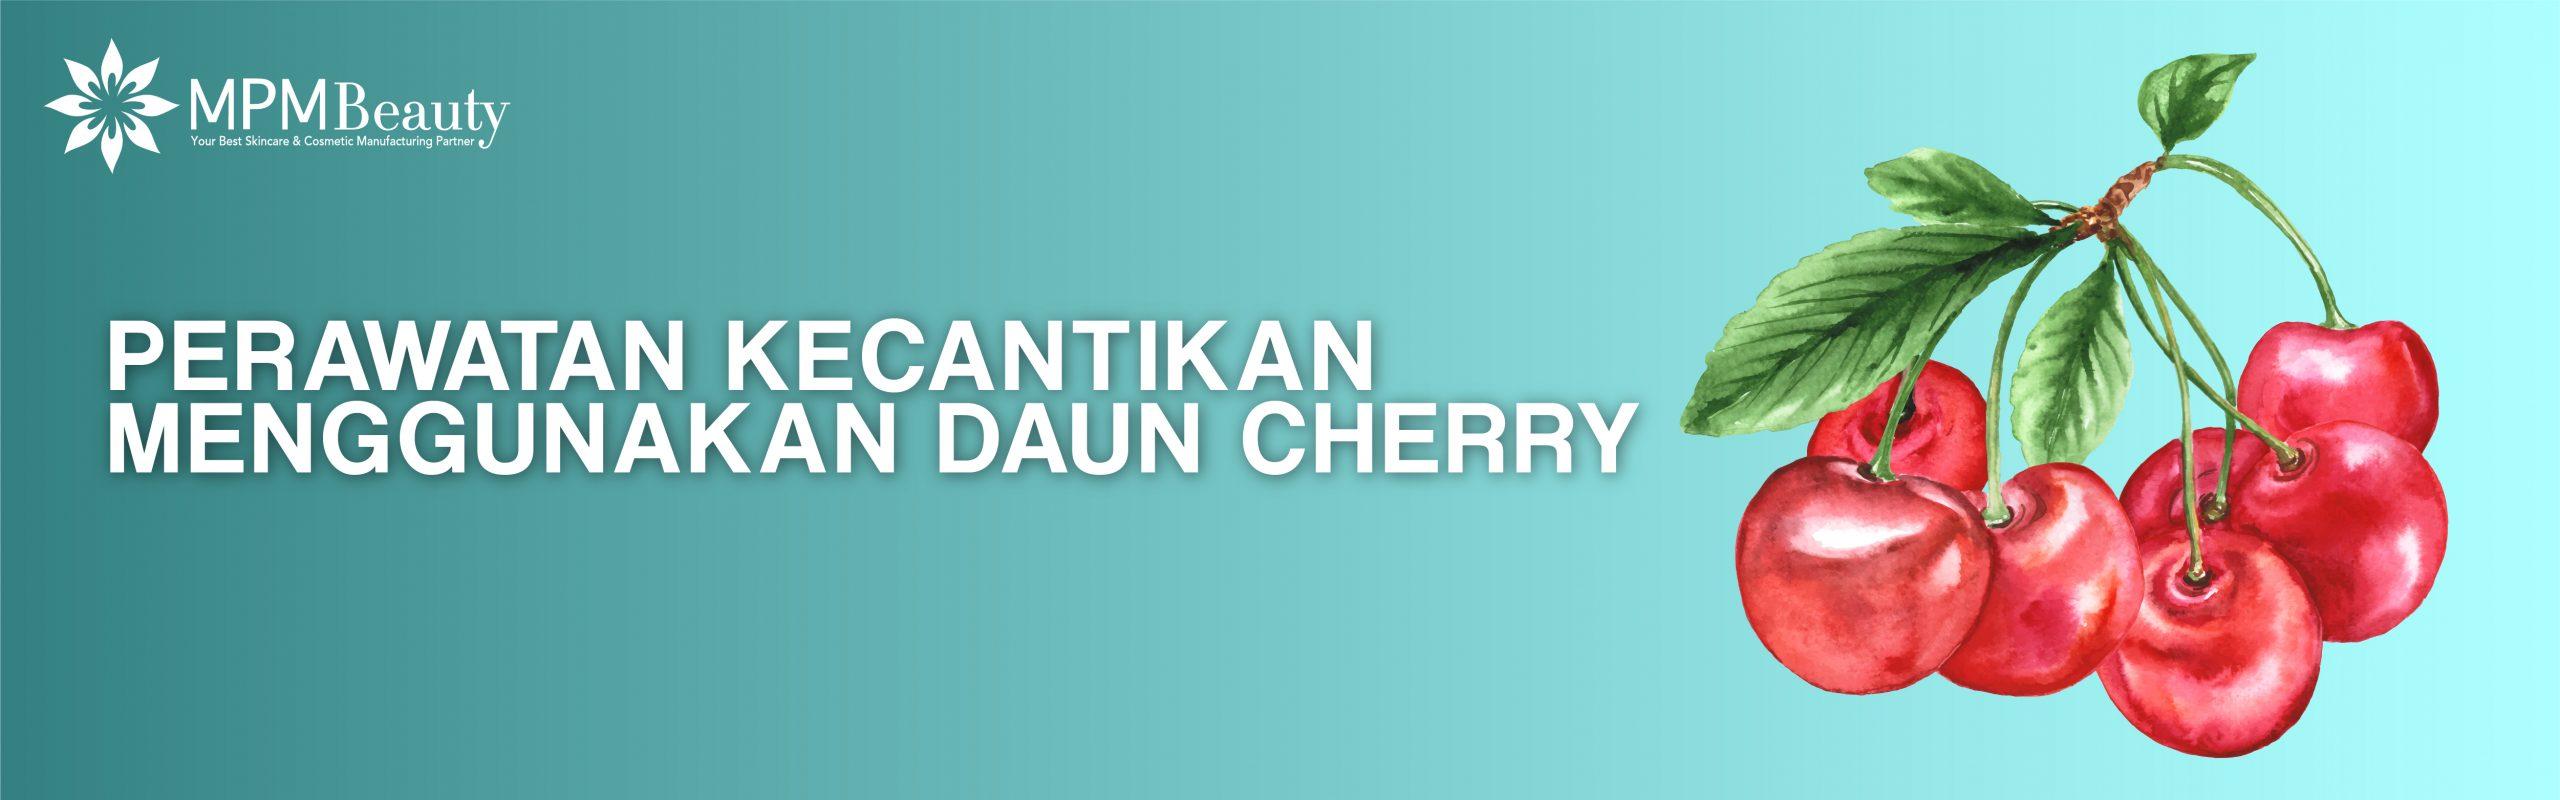 Perawatan Kecantikan Menggunakan Daun Cherry